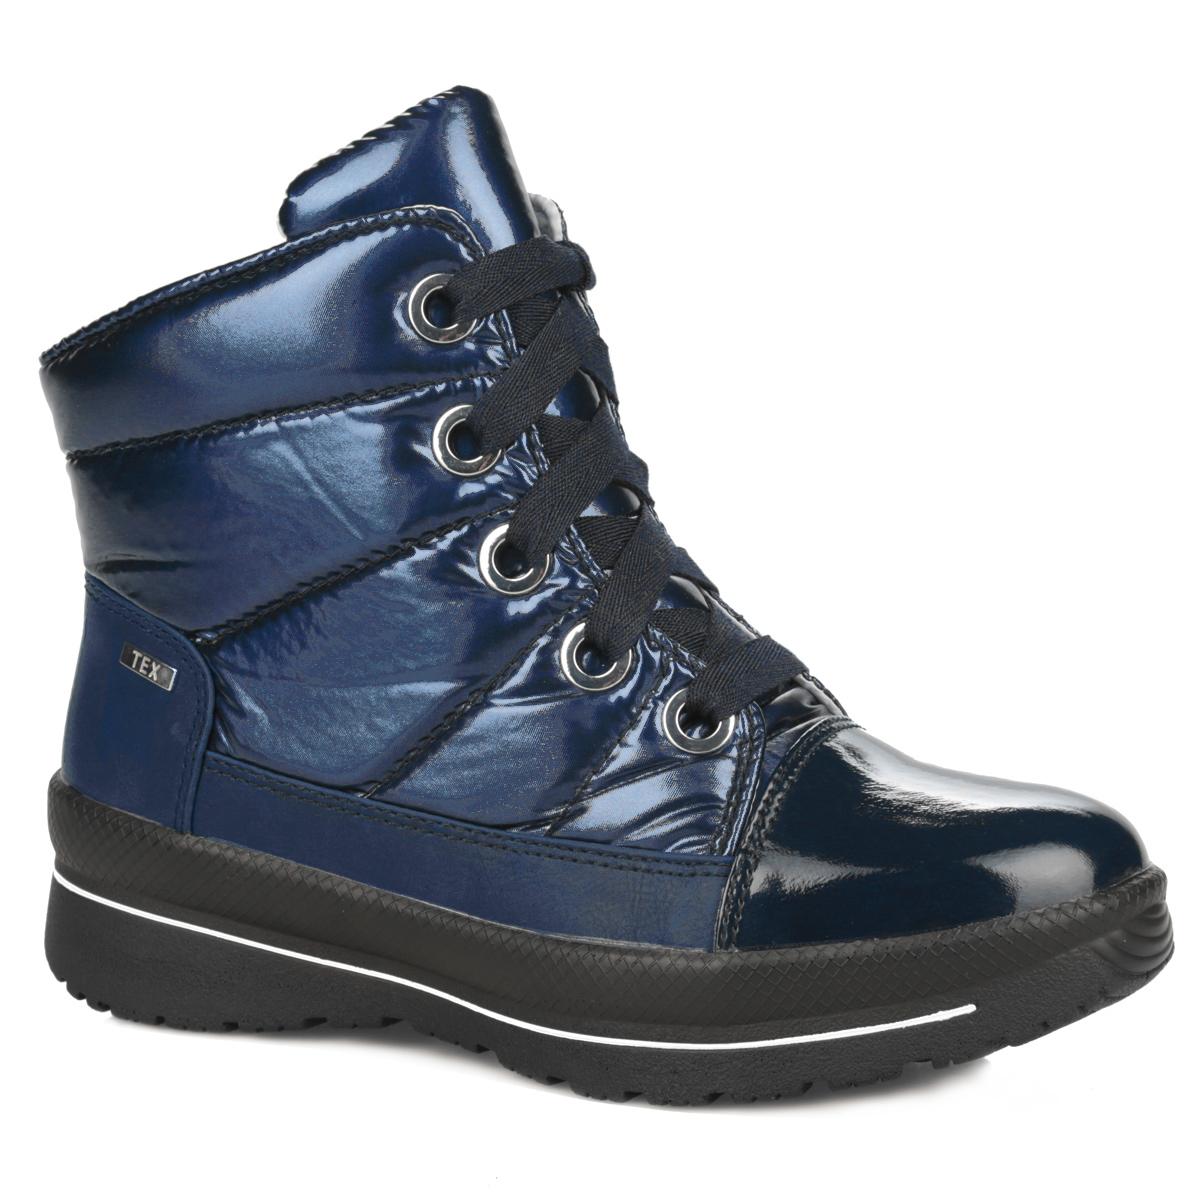 Ботинки женские. 9-26201-259-26201-25-001Стильные и удобные женские ботинки от Caprice займут достойное место среди вашей коллекции обуви. Модель выполнена из плотного стеганого текстиля со вставками из искусственных материалов. Непродуваемый и непромокаемый верх обуви защитит от непогоды. Между верхним слоем и подкладкой имеется воздухопроницаемая мембрана TEX, которая дополнительно защищает от дождя и ветра. Ботинки застегиваются на застежку-молнию, расположенную на одной из боковых сторон. Шнуровка надежно фиксирует обувь на ноге. Подкладка из шерсти согреет ваши ноги в холодную погоду. Стелька OnAir регулирует воздухообмен и гарантирует снижение давления на стопу. Подошва с протектором отвечает за идеальное сцепление на любой поверхности. В таких ботинках вашим ногам будет комфортно и уютно. Они подчеркнут ваш индивидуальный стиль.